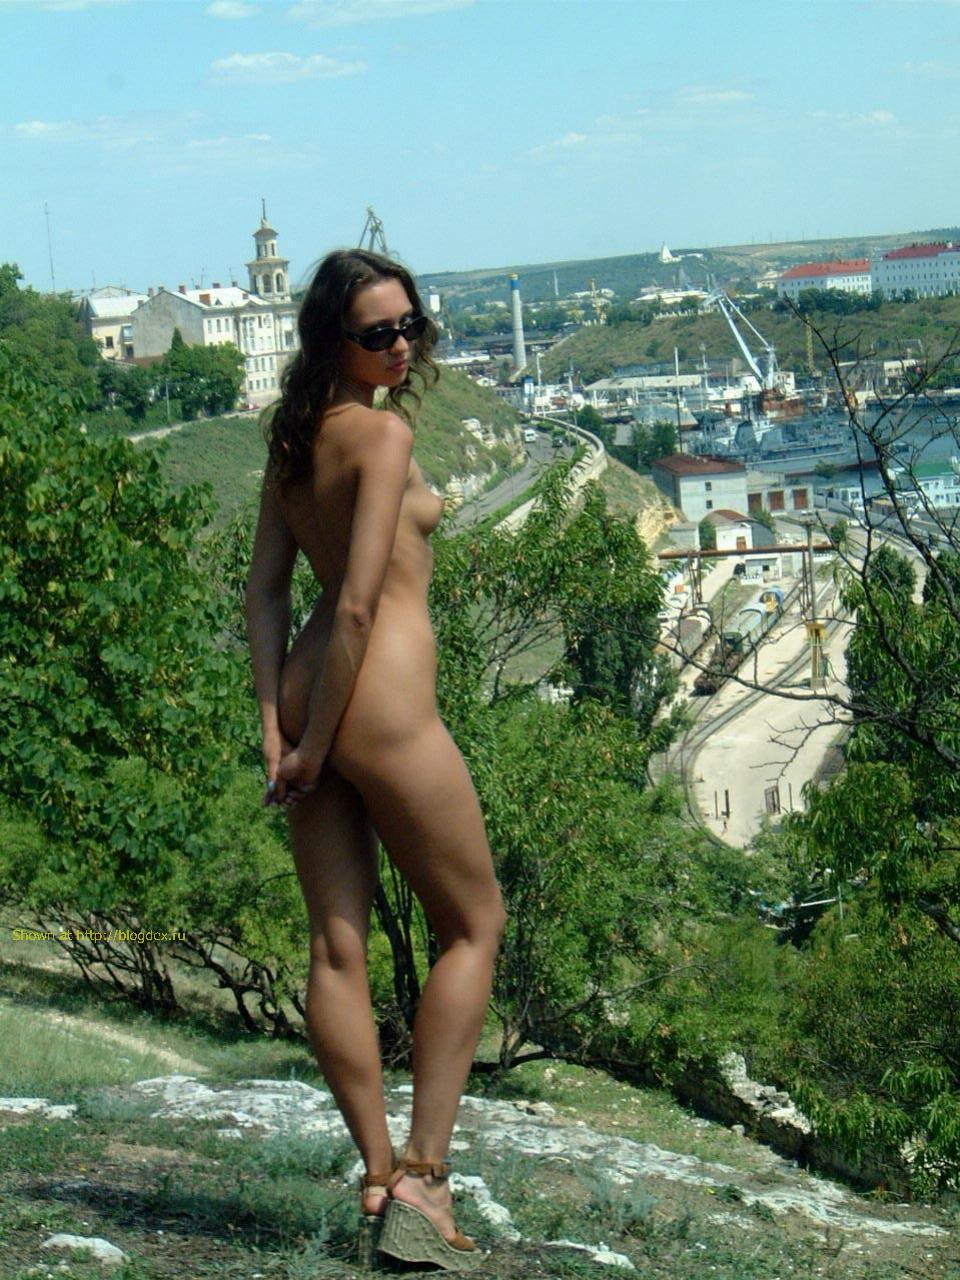 Где Можна Найти Проститутку В Севастополе